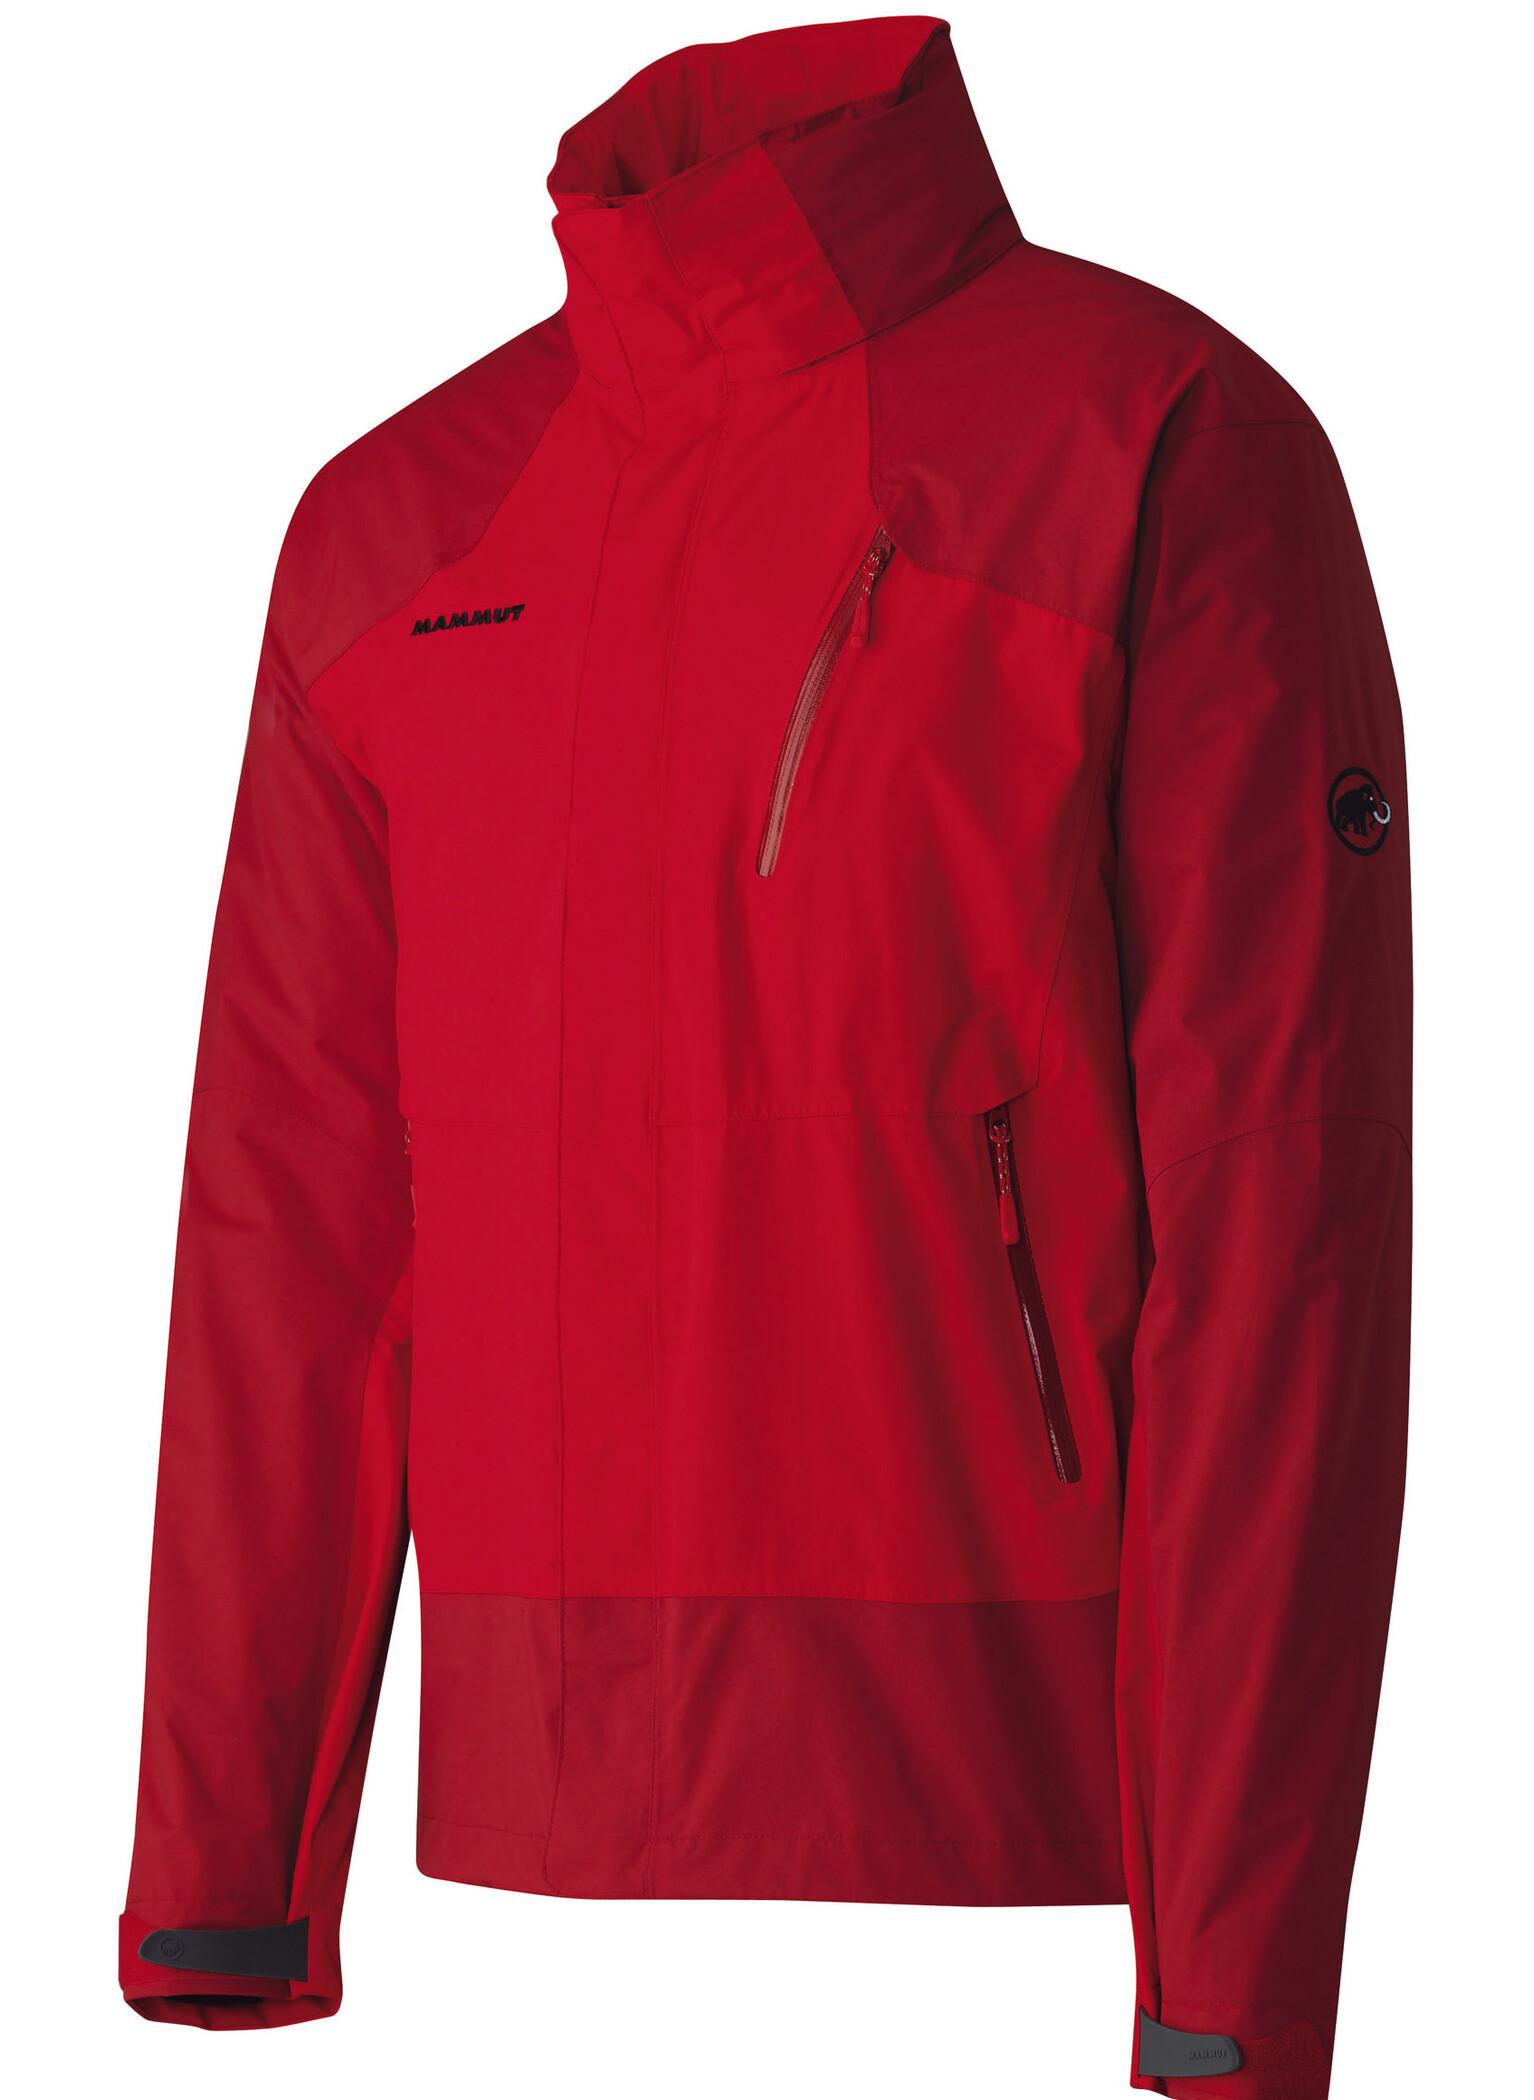 Mammut Kinabalu Jacket Men inferno-dark inferno - Auslaufware S jacke~oberteil~Bekleidung~Outdoor~outdoorjacke~outdoorbekleidung~hardshelljacke~hardshell jacke